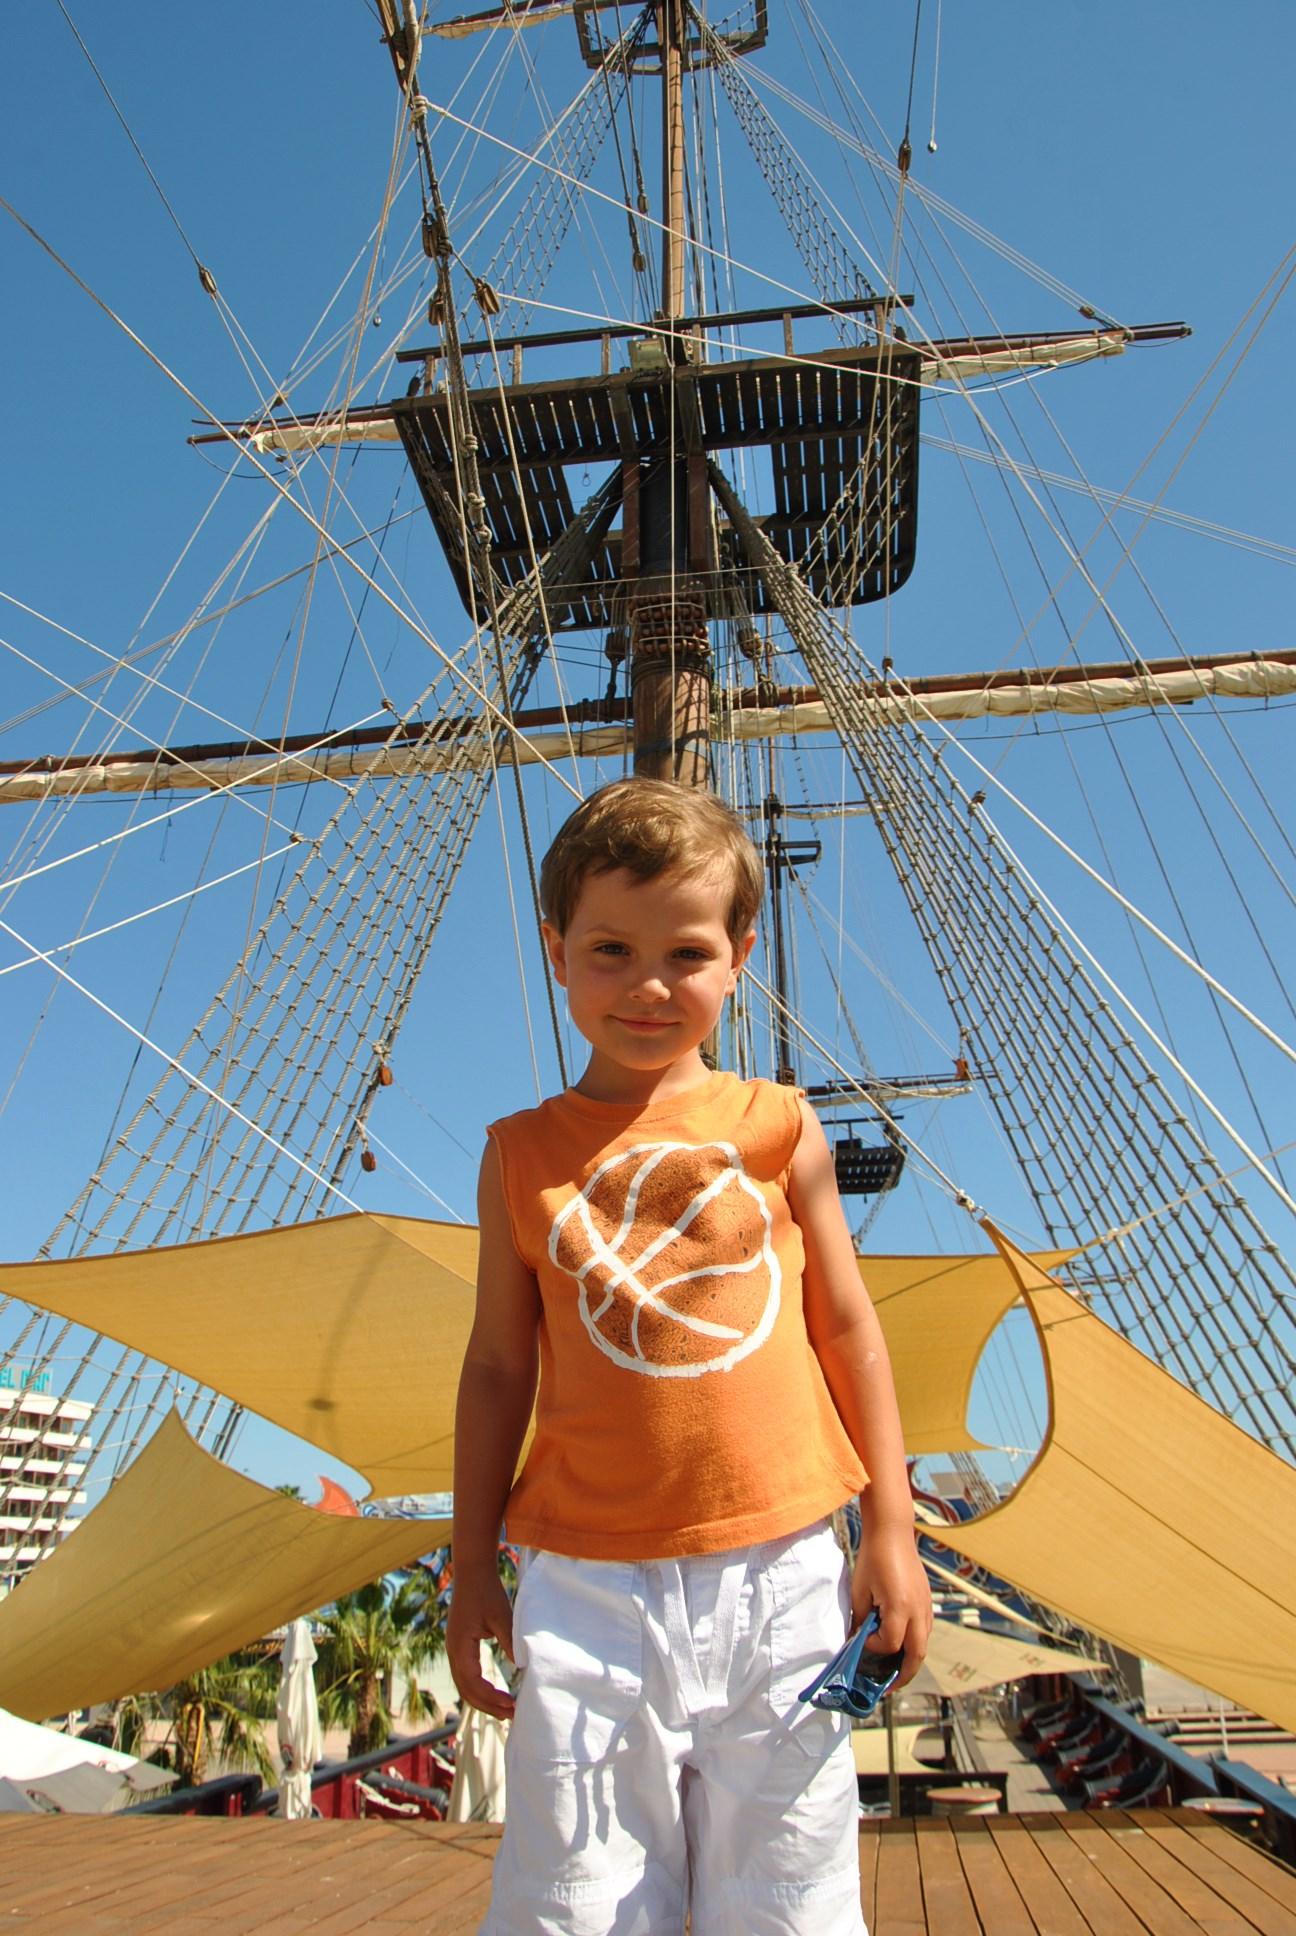 Настоящий пиратский корабль-мечты сбываются!. Юный путешественник